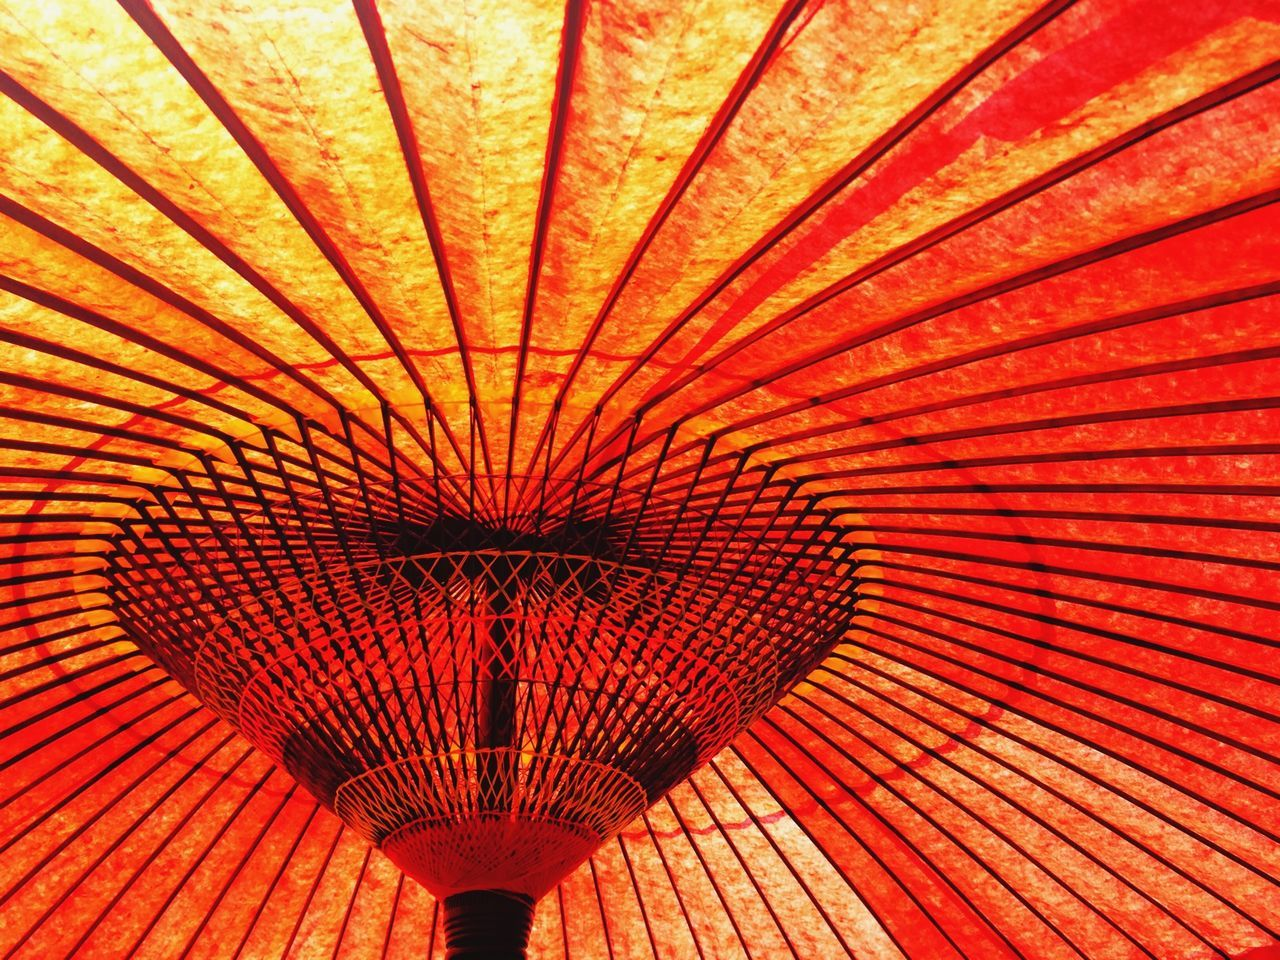 Close-Up Of Orange Japanese Umbrella